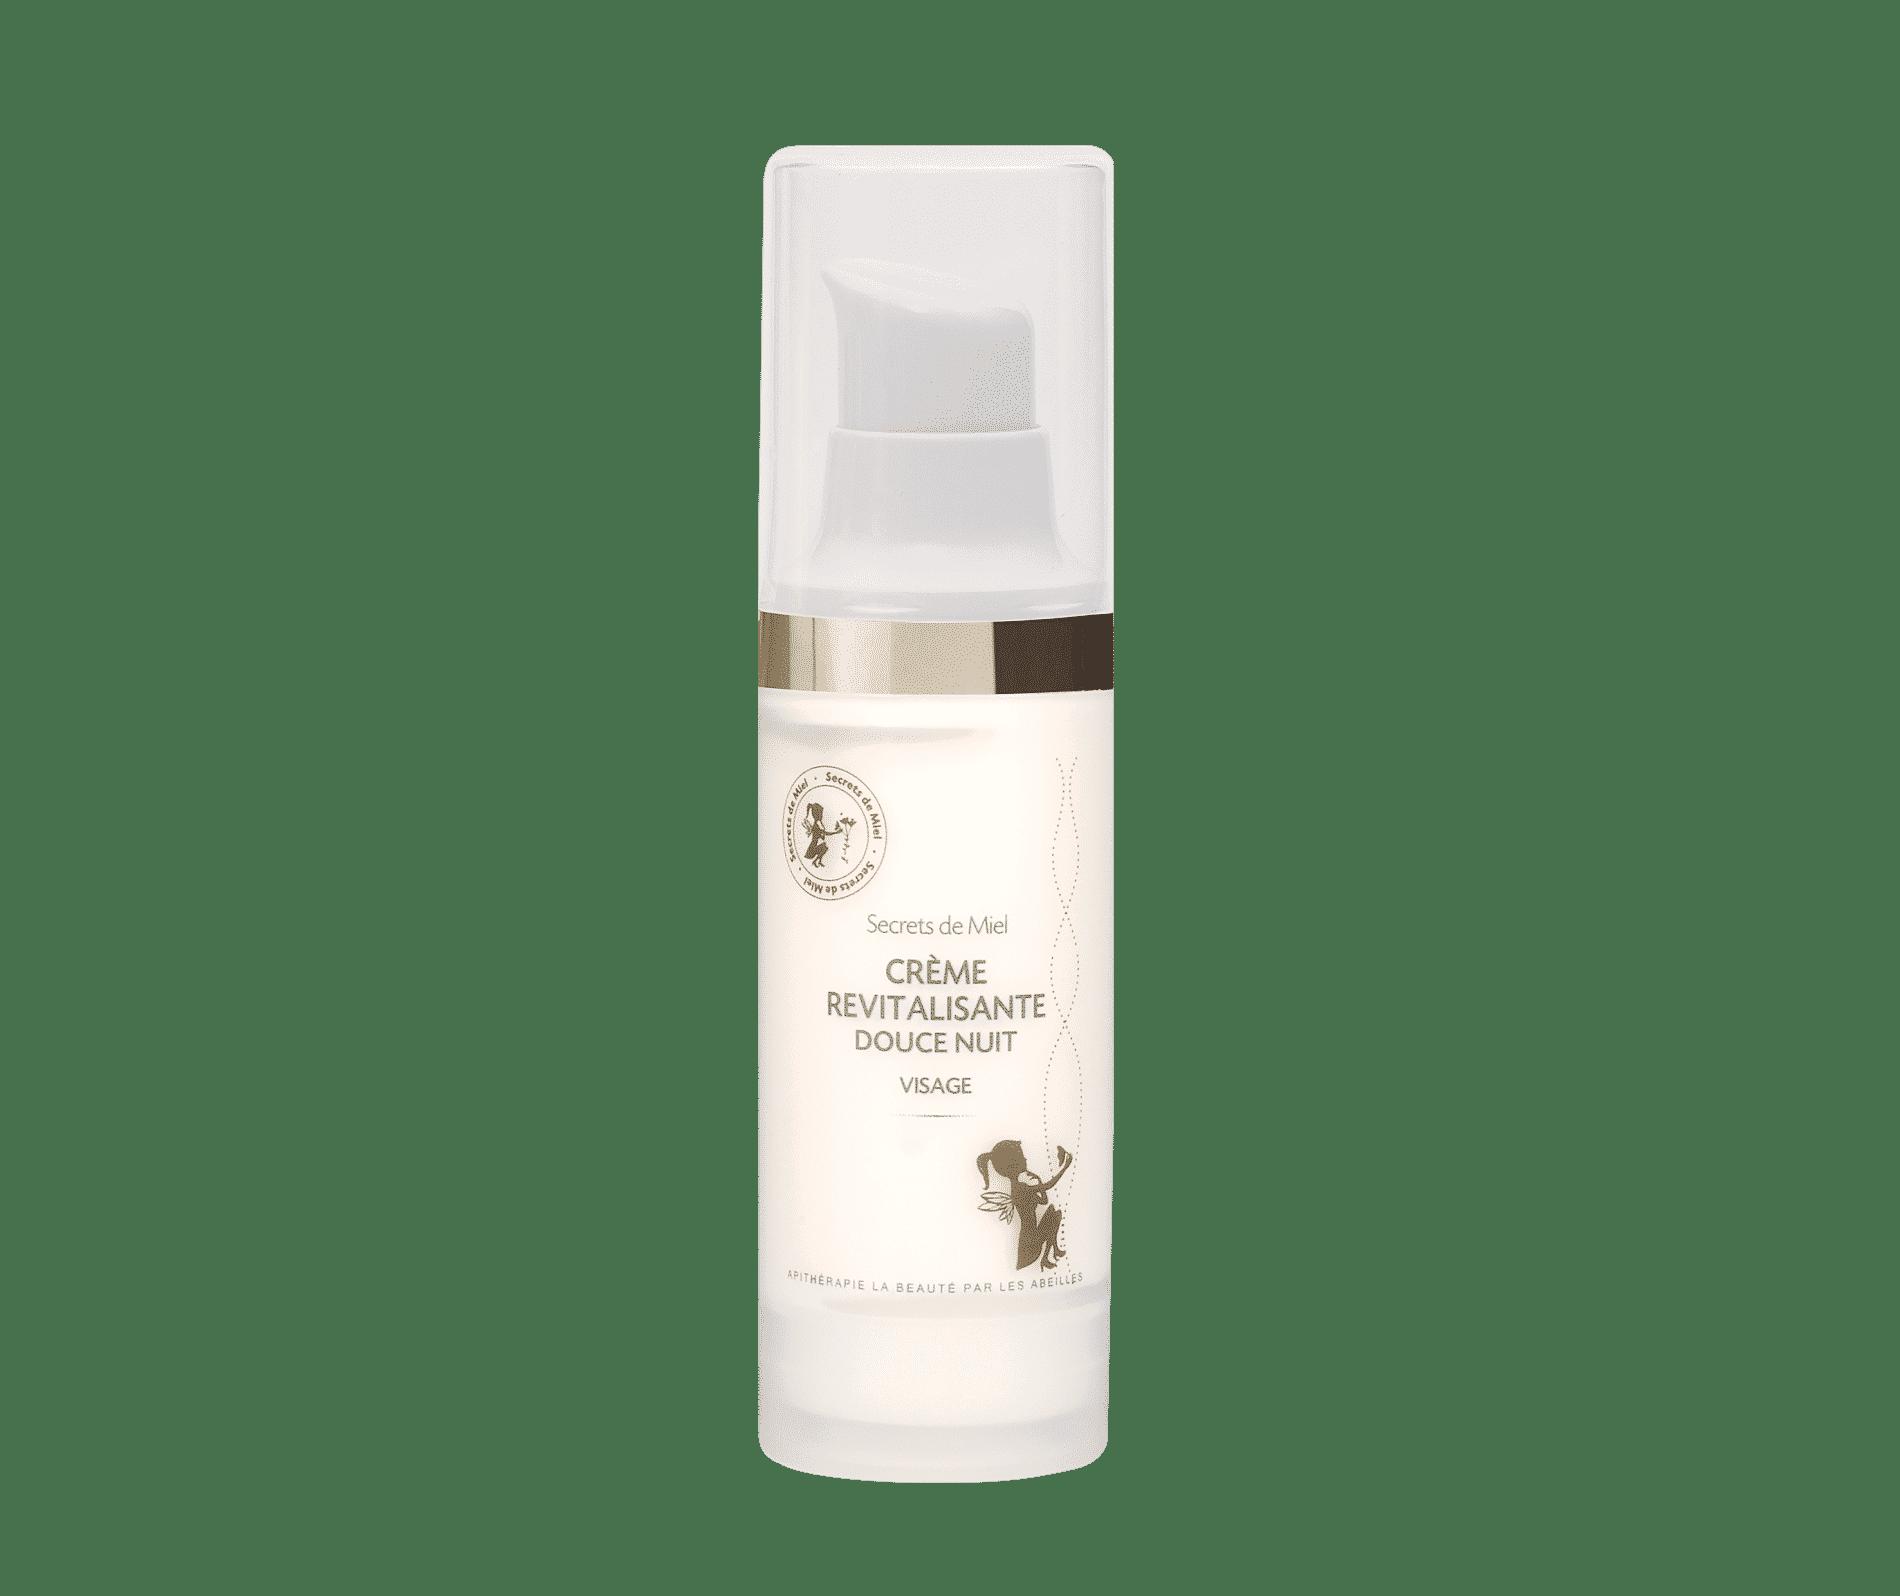 Soins de nuit - crème revitalisante - crème de nuit - soins naturels - cosmétiques - Secrets de Miel - apithérapie